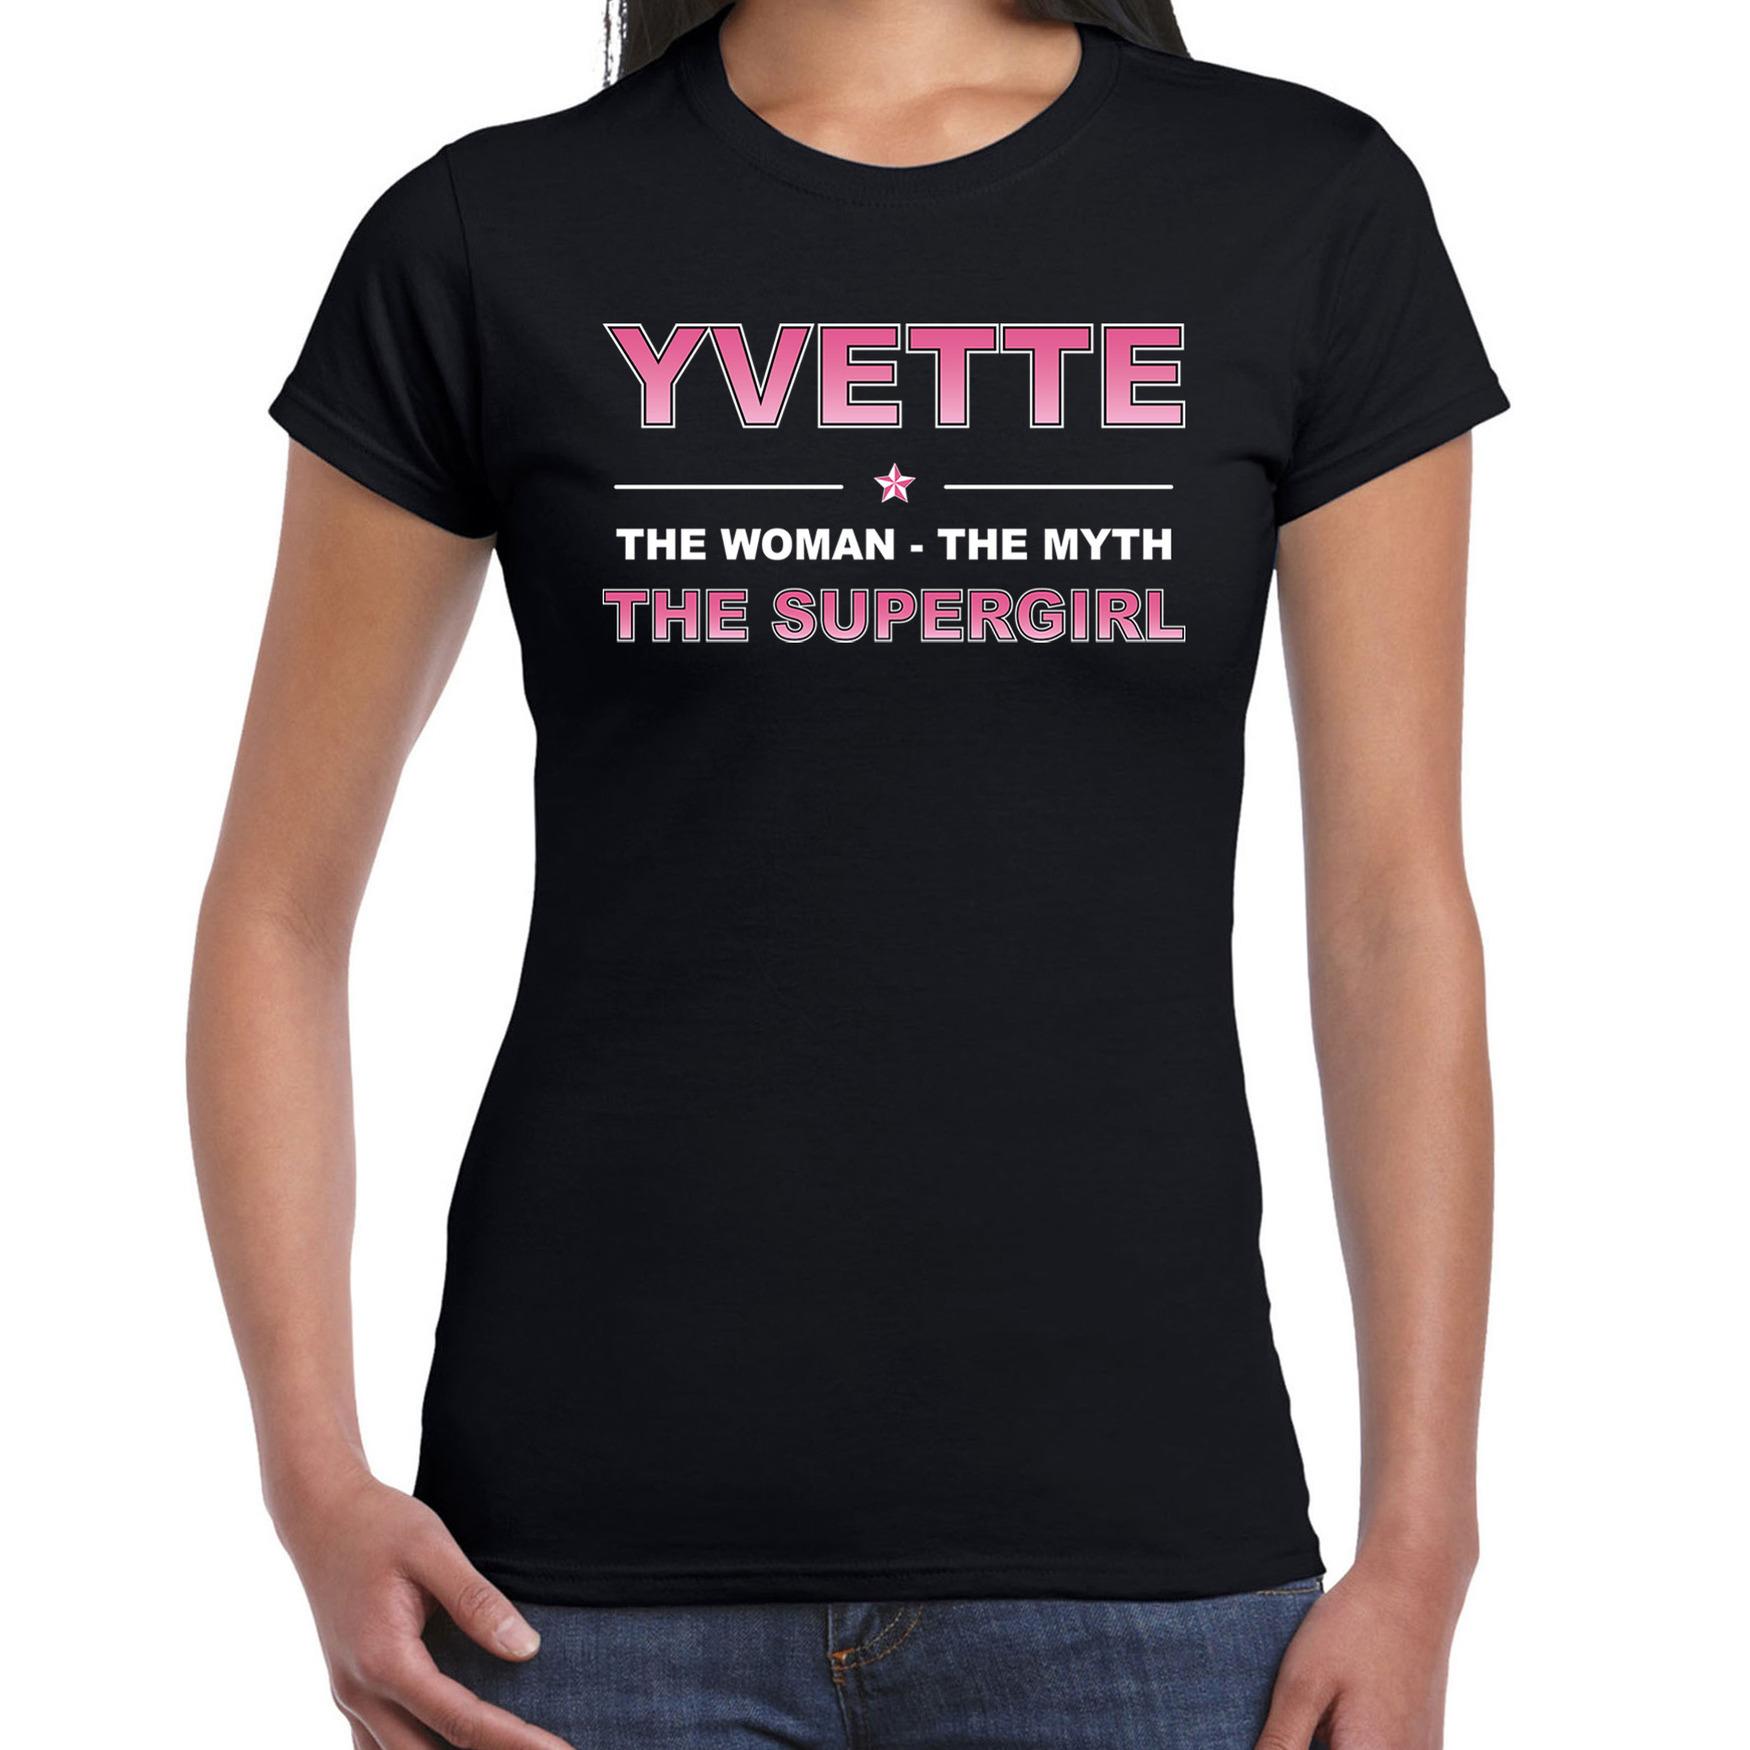 Naam cadeau t-shirt / shirt Yvette - the supergirl zwart voor dames